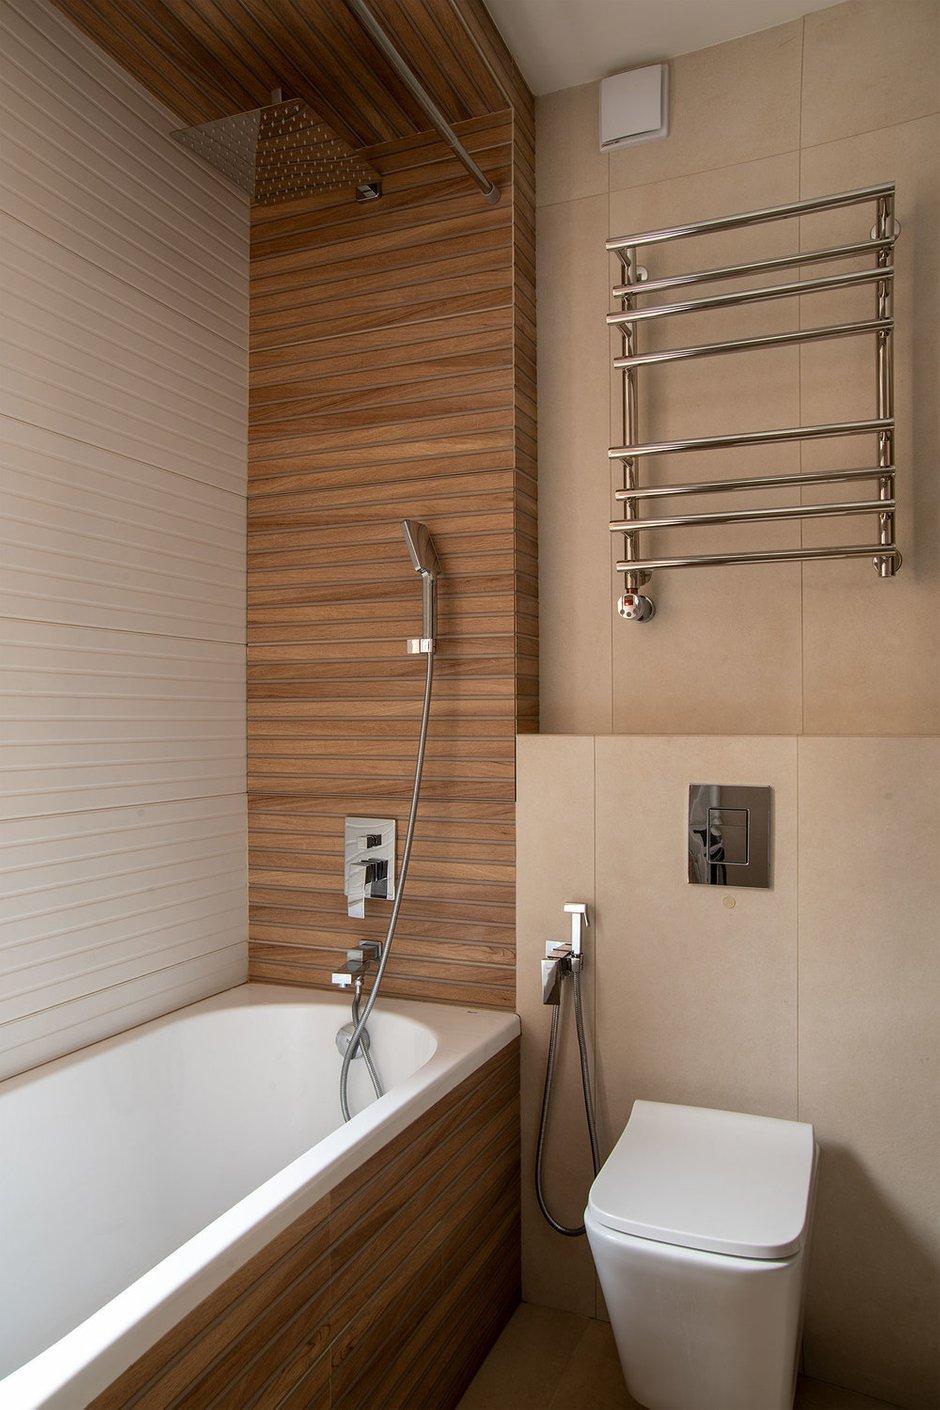 Керамогранит напоминает деревянные панели и добавляет уюта в санузел.